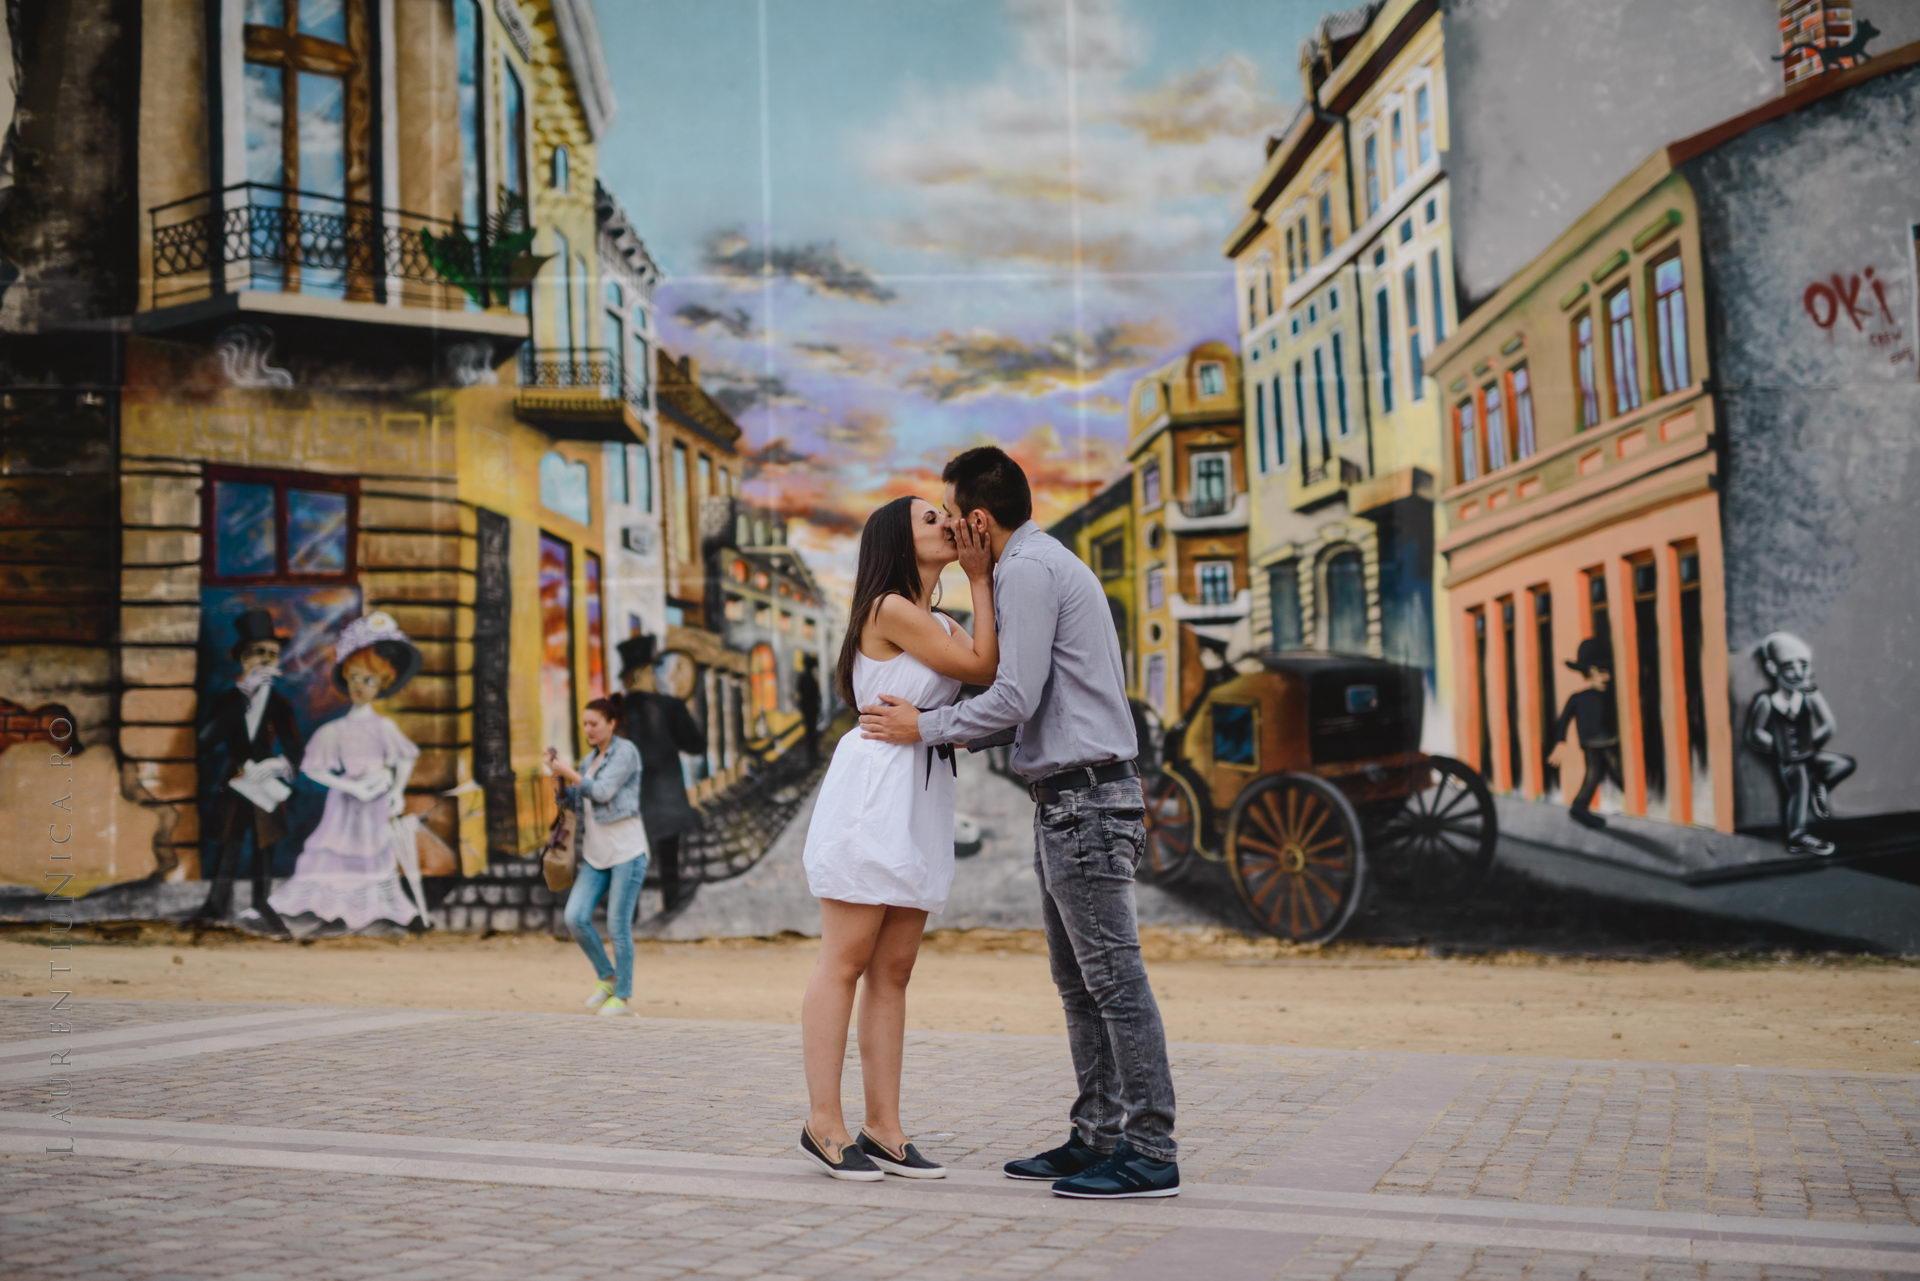 sedinta foto save the date fotograf laurentiu nica craiova 13 - Ramona & Marius | Sedinta foto Save the Date